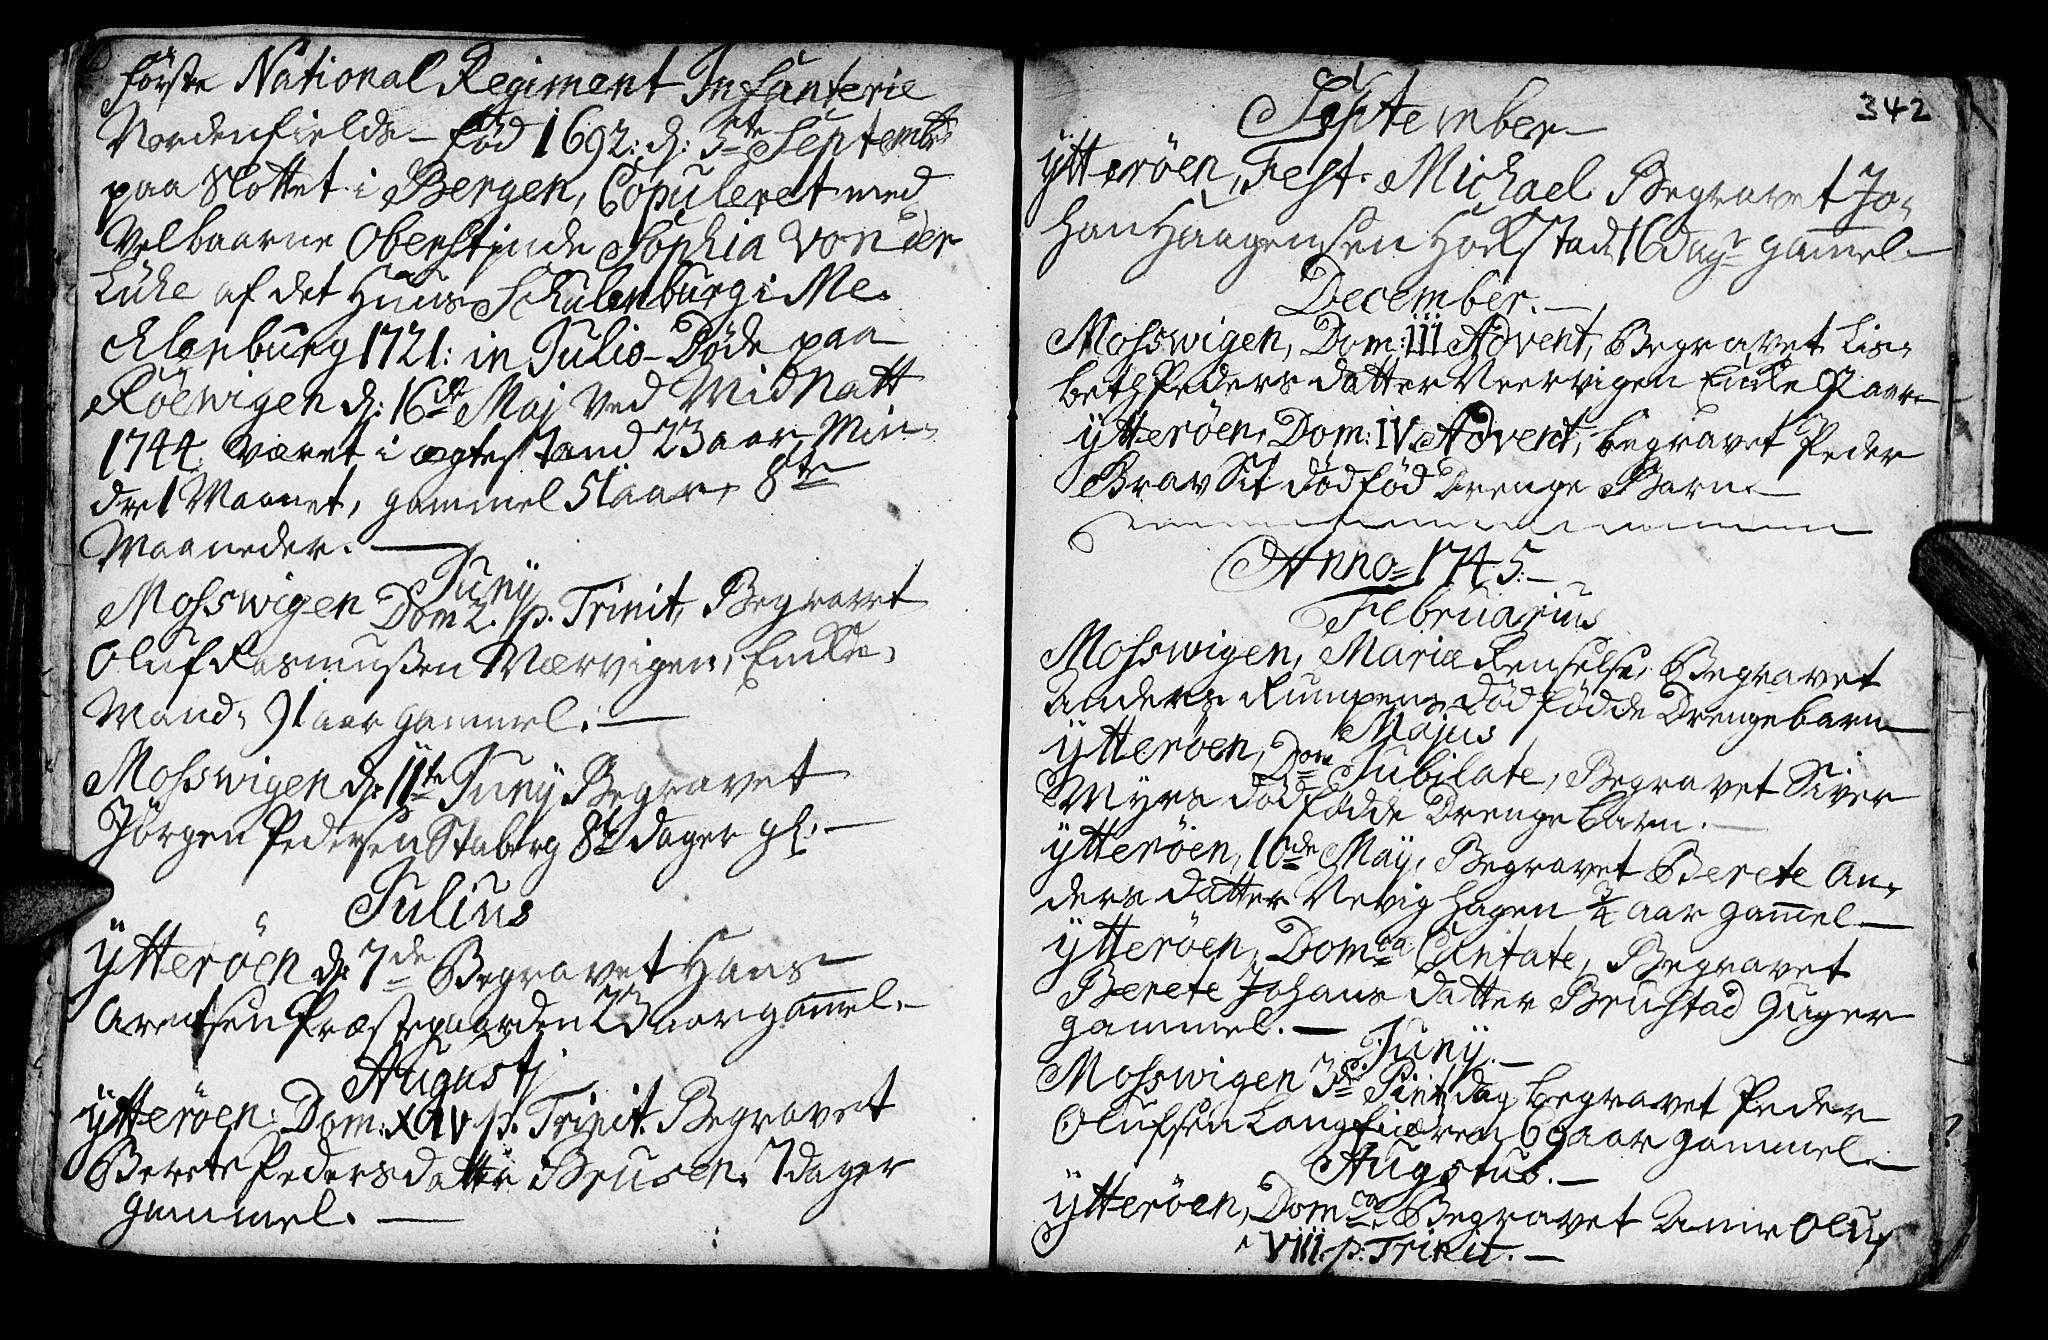 SAT, Ministerialprotokoller, klokkerbøker og fødselsregistre - Nord-Trøndelag, 722/L0215: Ministerialbok nr. 722A02, 1718-1755, s. 342